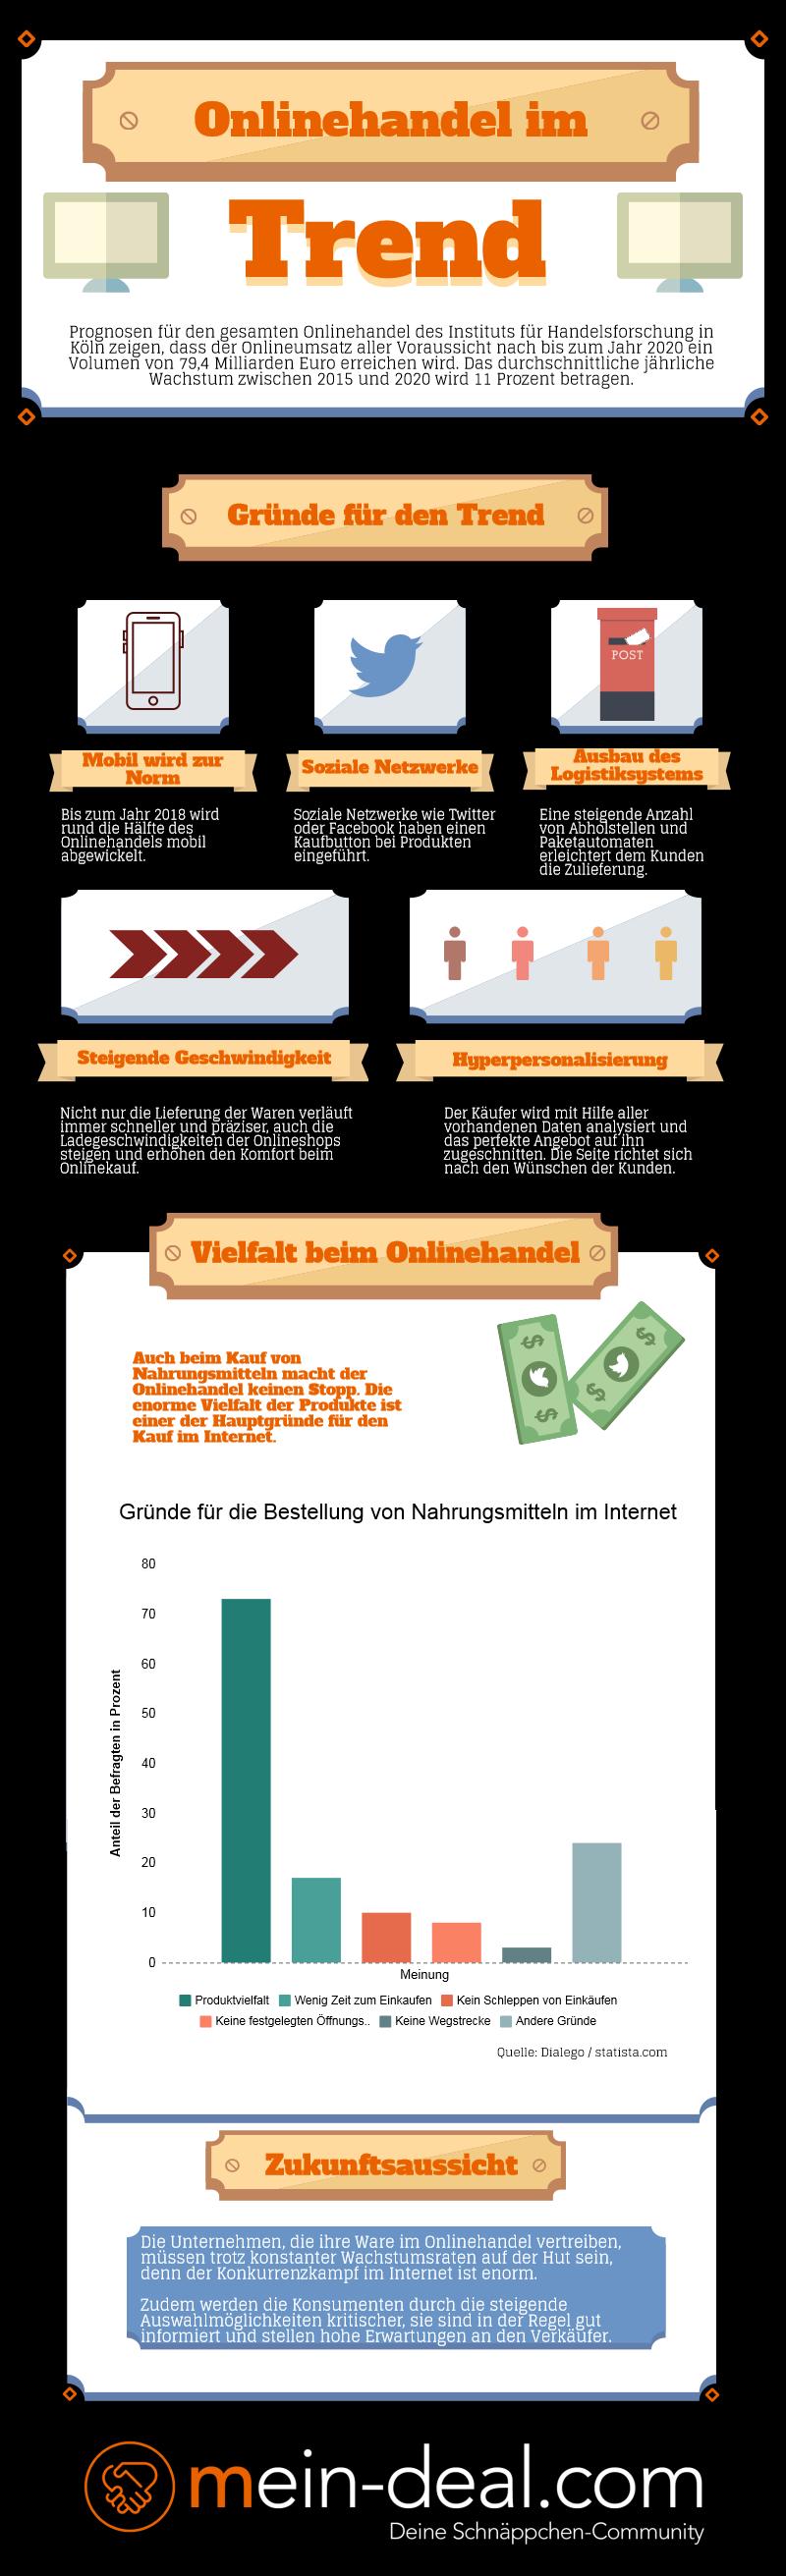 Ratgeber Zollgebühren: Was ist bei Online Bestellungen aus dem Ausland zu beachten?